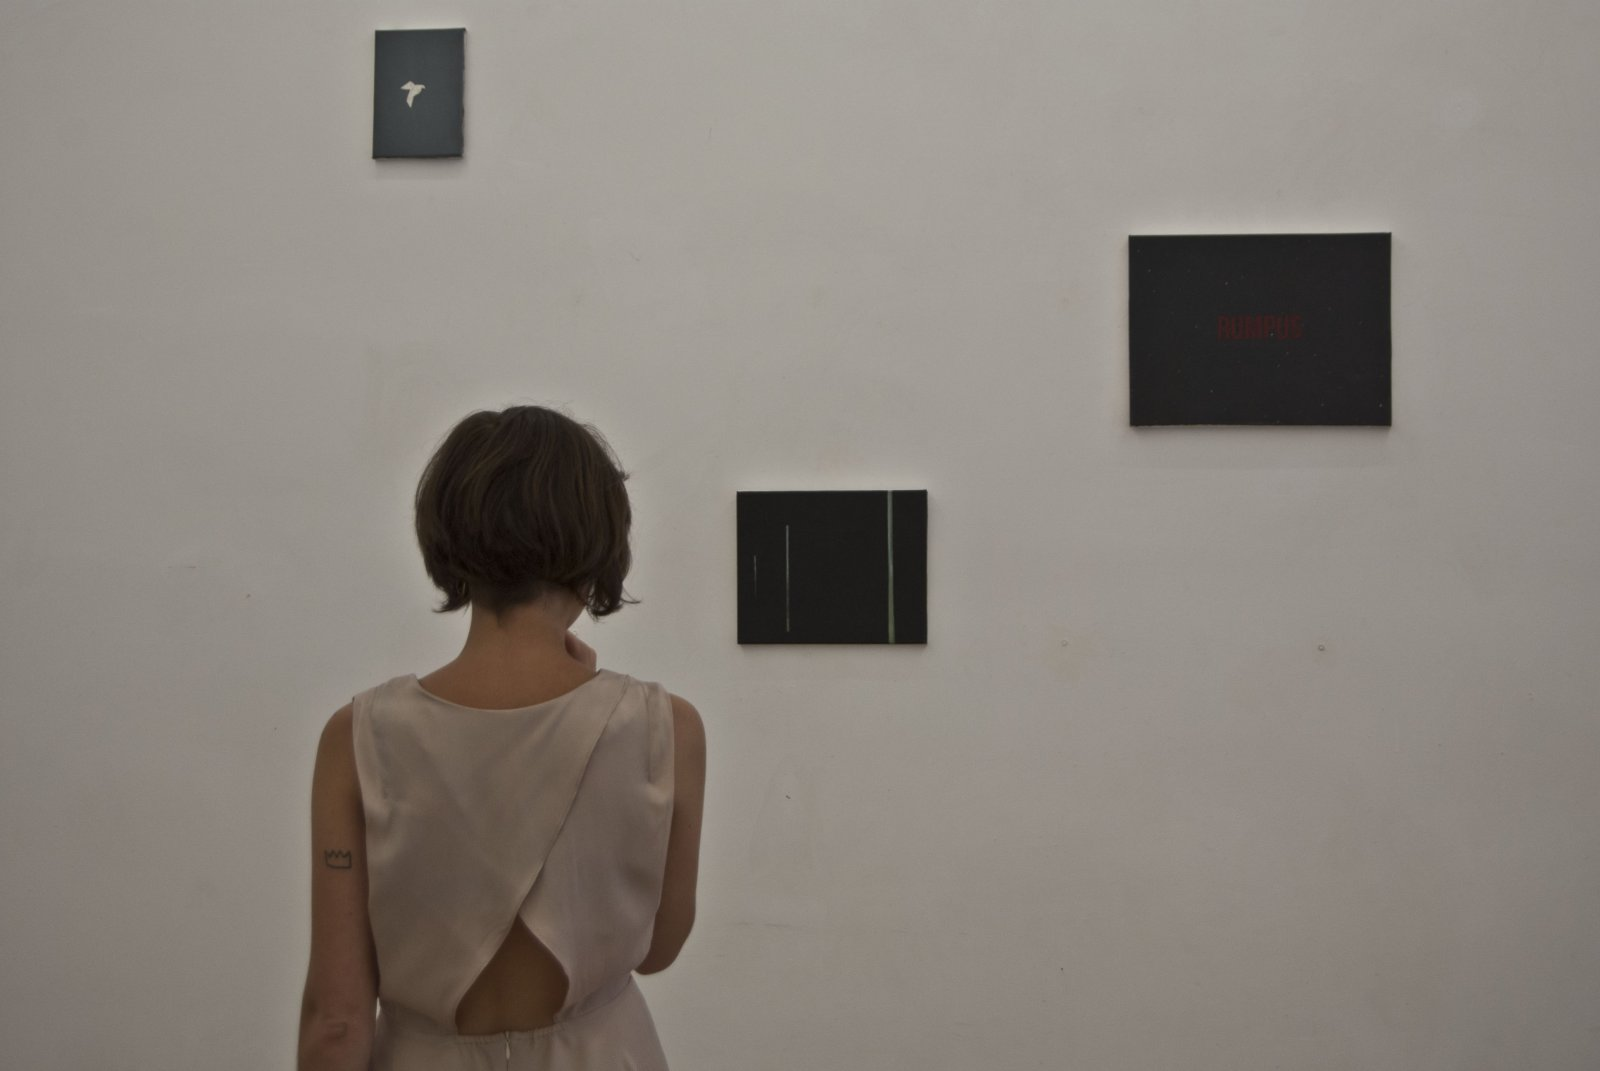 Leticia Villa durante el montaje de 'Hau' en Galería Alegría